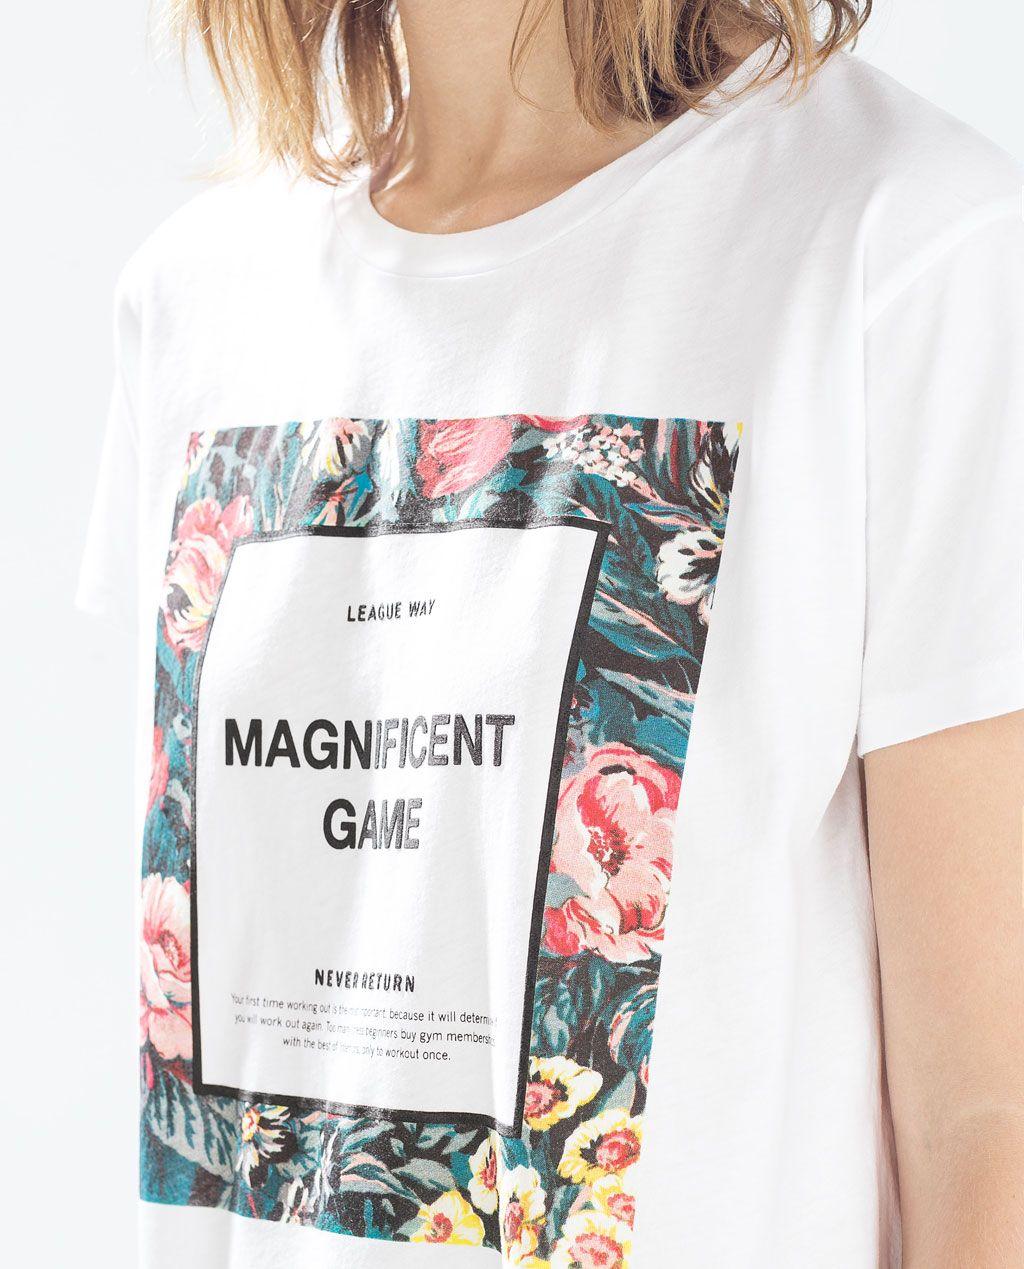 Catálogo Zara Trafaluc - Camiseta con mensaje